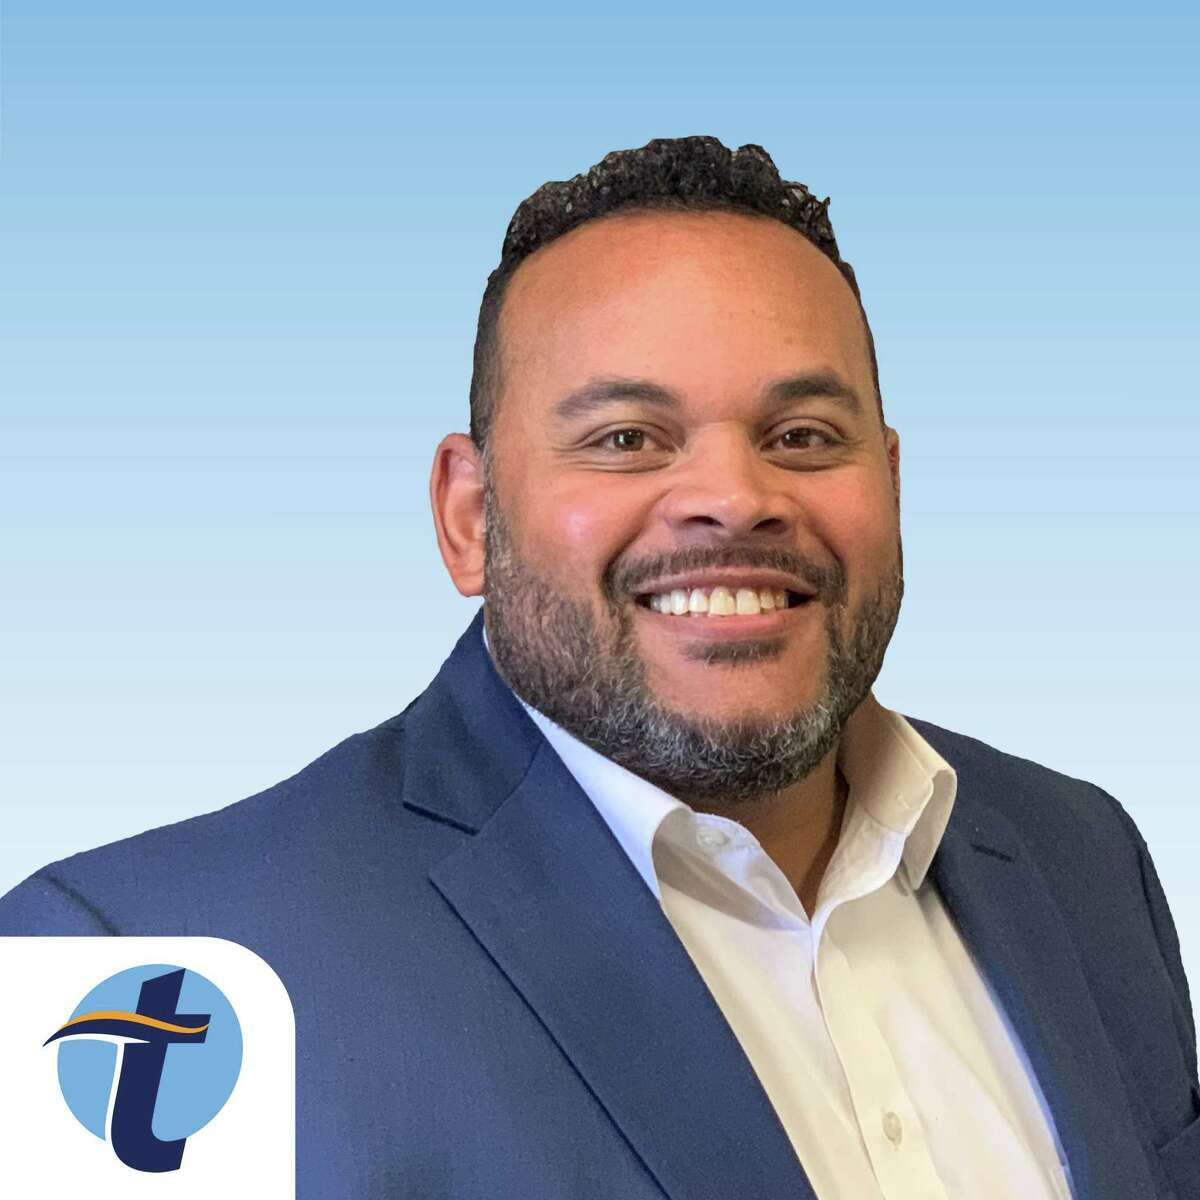 Tony Sanchez, AVP, Secondary Market and Loan Processing Manager at Thomaston Savings Bank.